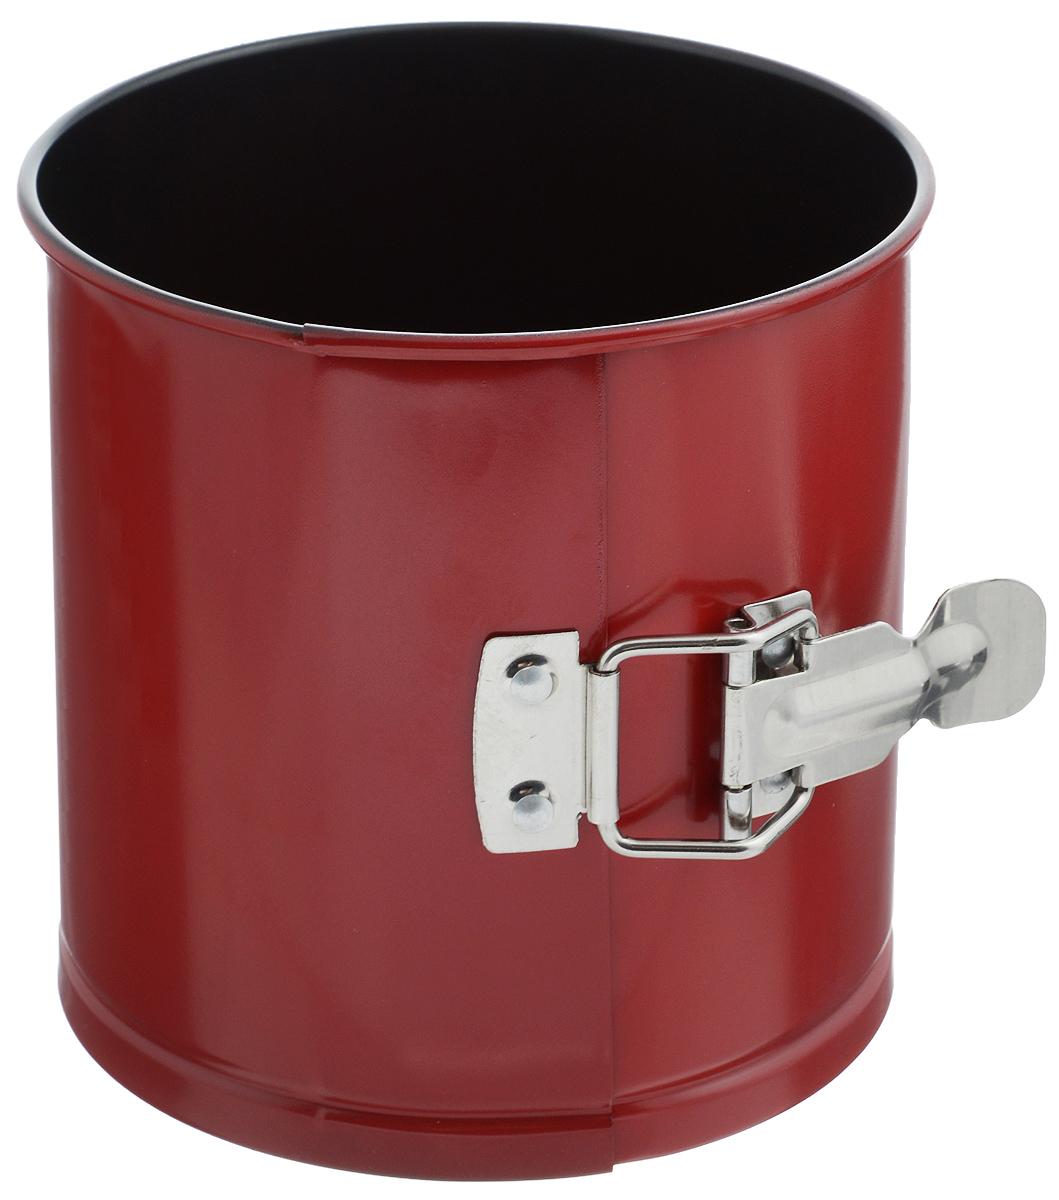 Форма для выпечки кулича Mayer & Boch, разъемная, с антипригарным покрытием, диаметр 14 см24289Форма для выпечки кулича Mayer & Boch изготовлена из высококачественной углеродистой стали с антипригарным покрытием. Специальная толщина стенок изделия обеспечивает долговечность и прочность. Форма имеет разъемный механизм и съемное дно, поэтому вынимать из нее готовую выпечку очень легко. Антипригарное покрытие формы не вступает в реакцию с продуктами питания. Выпечка не пригорает и не прилипает к стенкам. Такая форма значительно экономит время по сравнению с аналогичными формами для выпечки. После использования легко и быстро моется. Подходит для использования в духовках и для хранения пищи в холодильнике. Не подходит для использования в СВЧ.